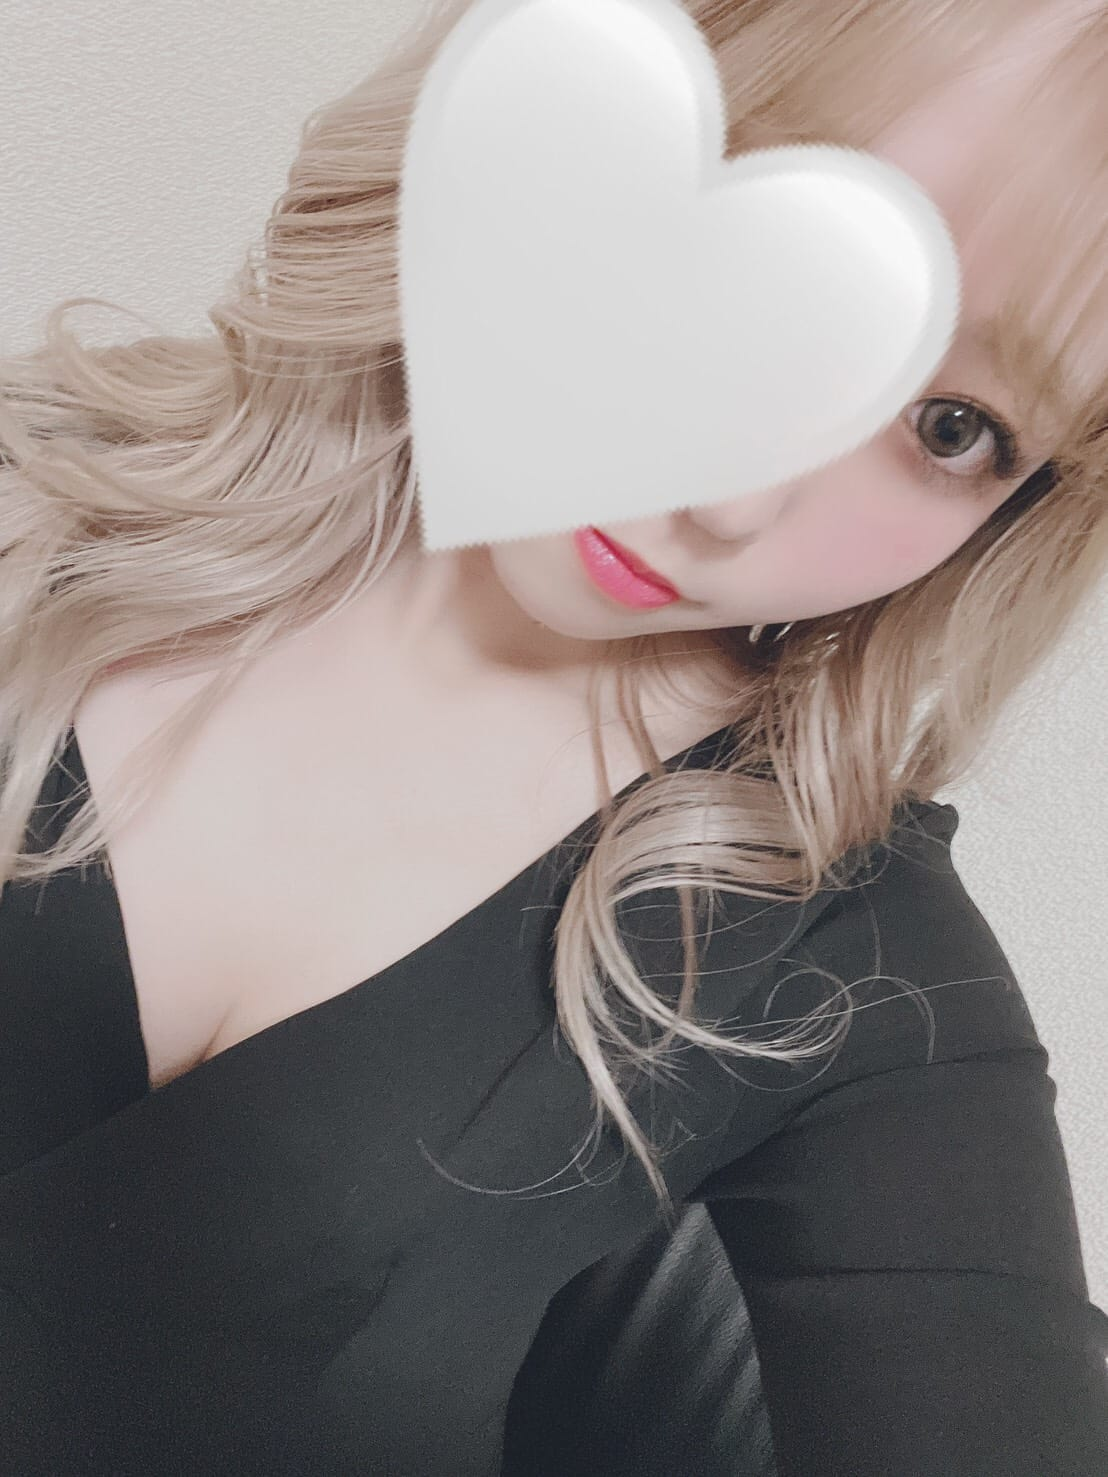 じゅん【超絶ミニマム美少女♡】 | Pure room【ピュア ルーム】()